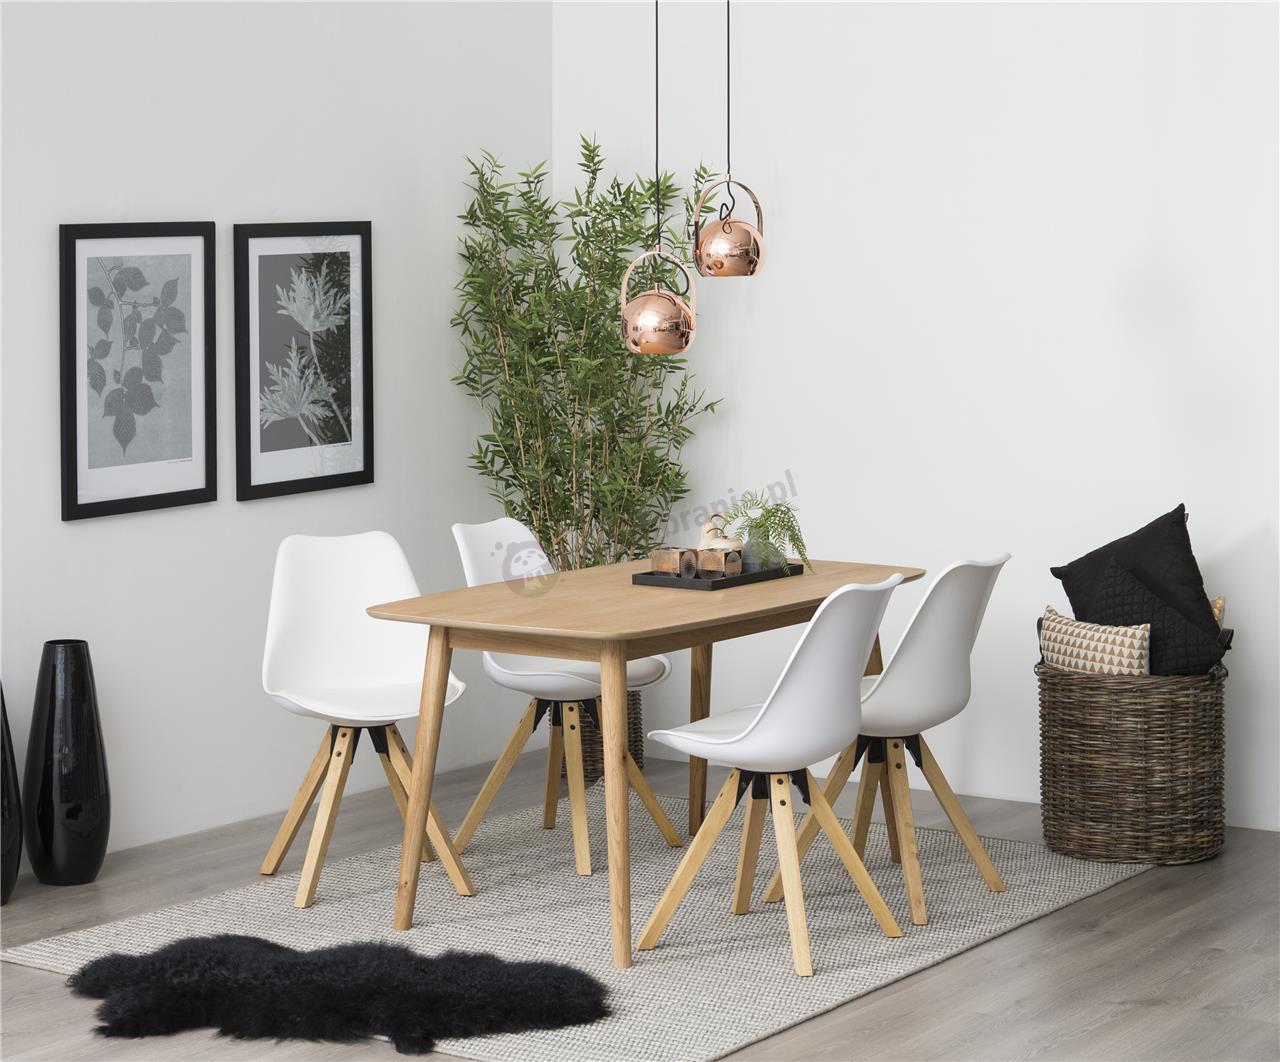 Actona Nagano stół dębowy nowoczesny biały w aranżacji z białymi krzesłami